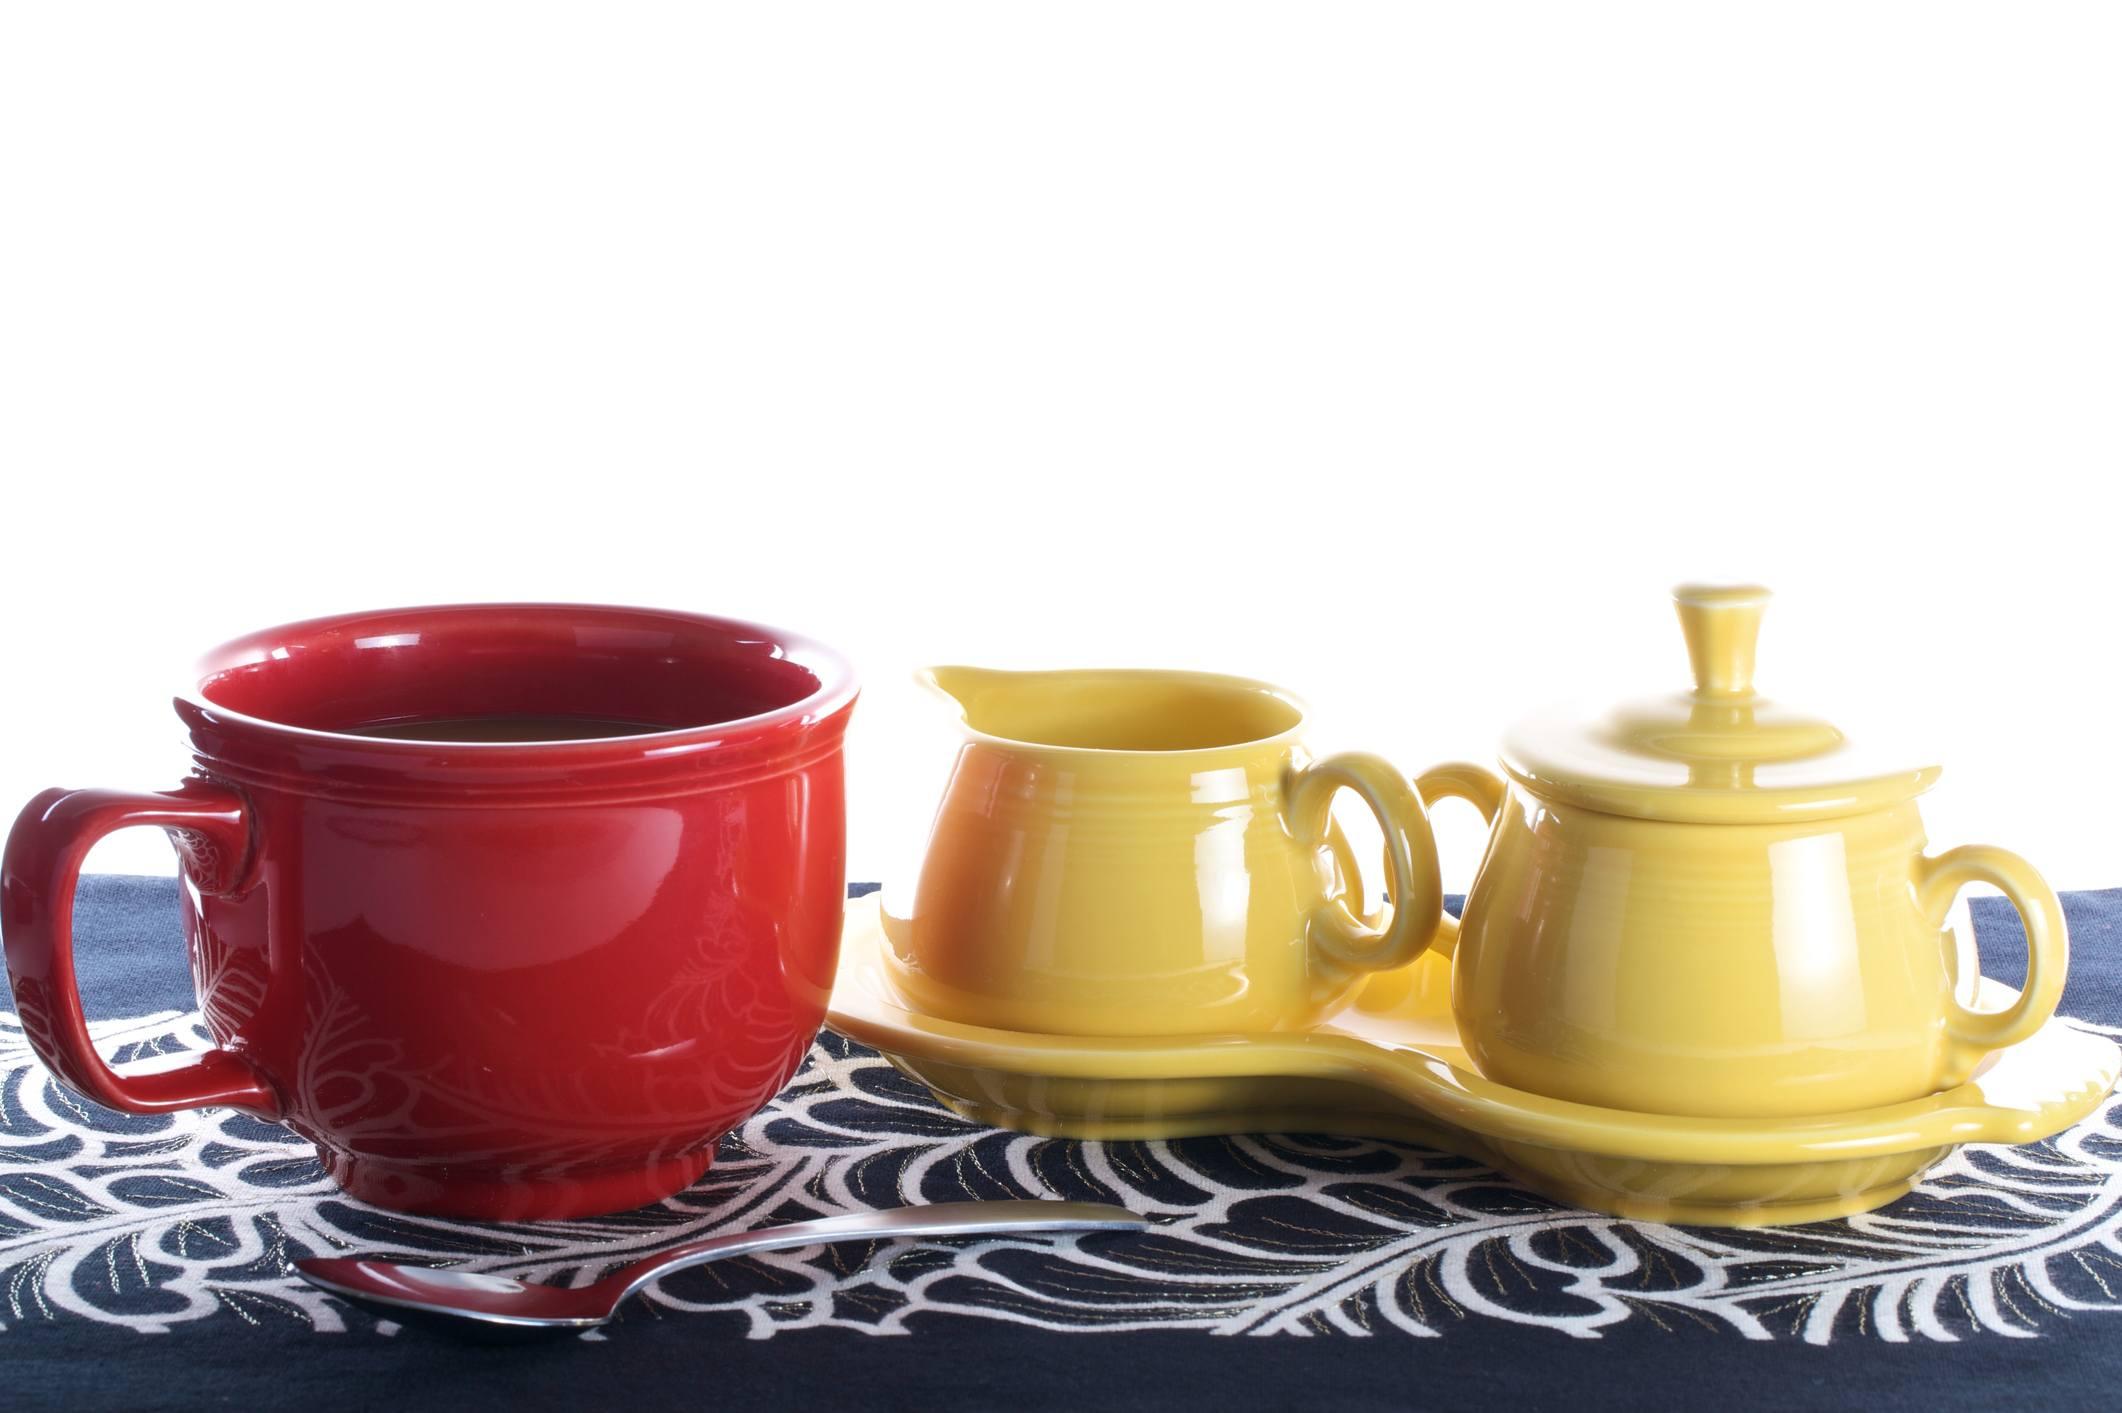 coffee in fiestaware